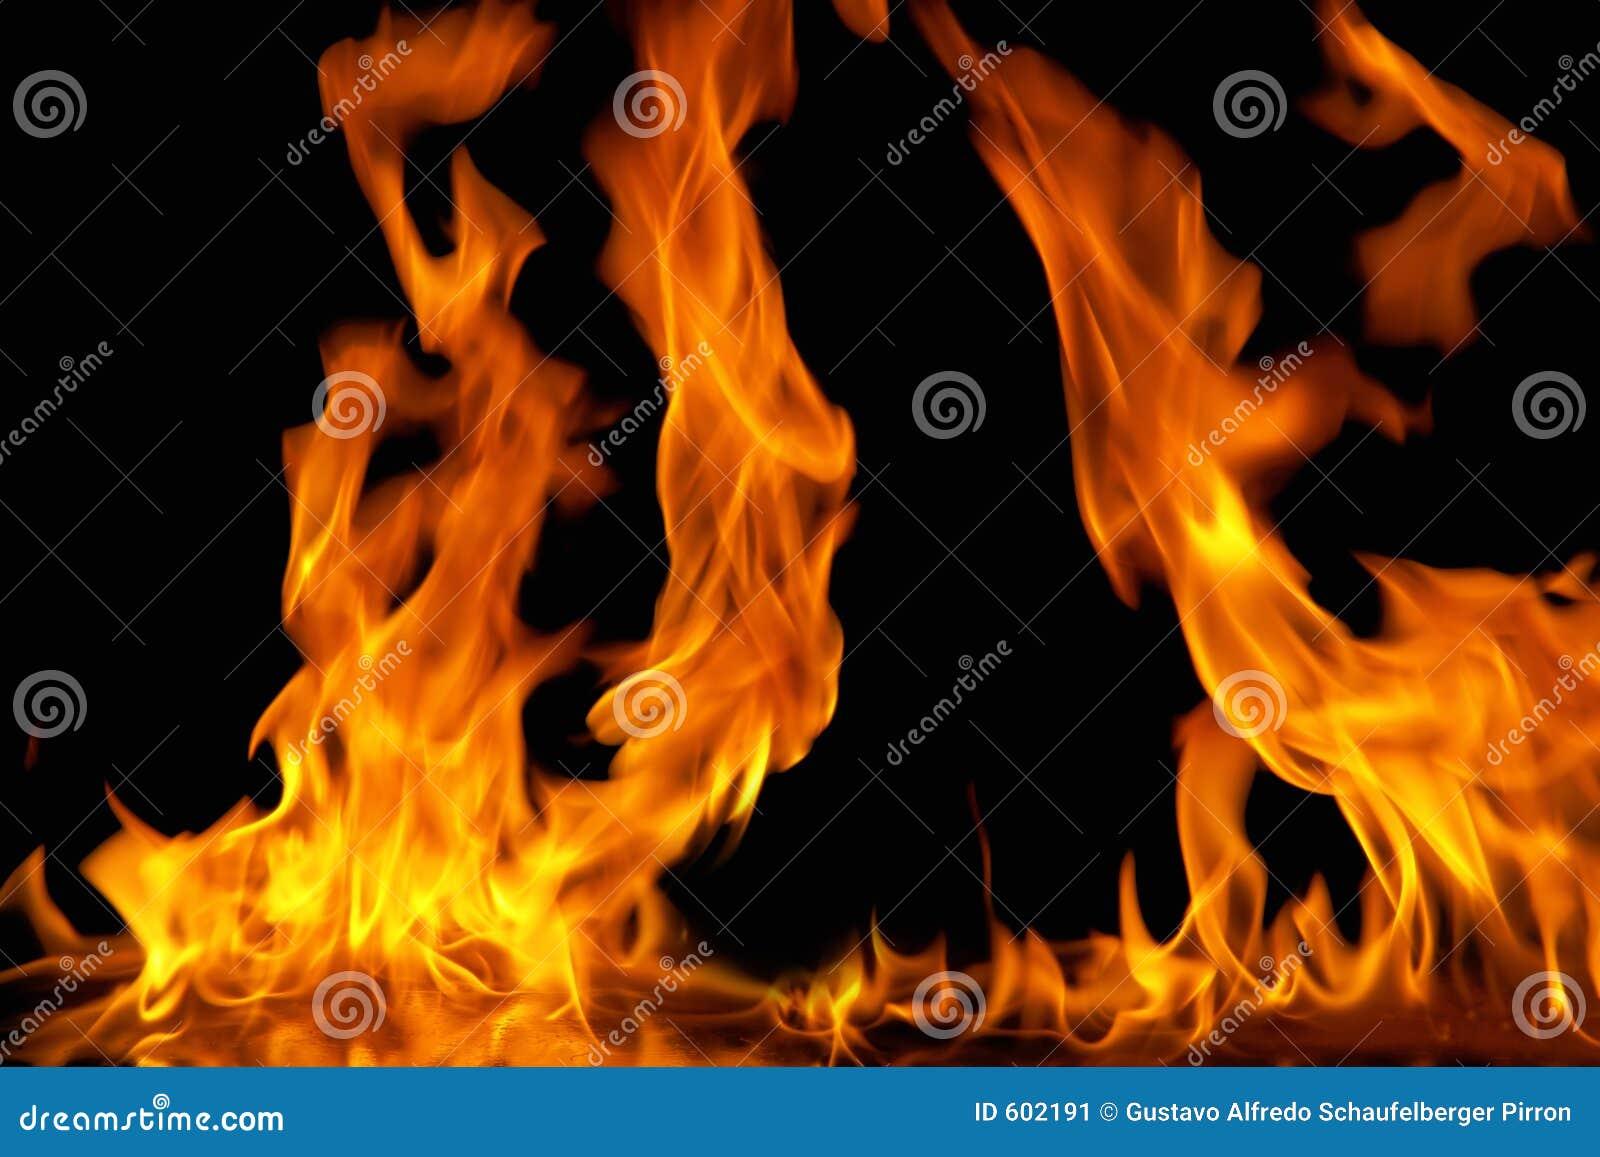 Fire14.jpg